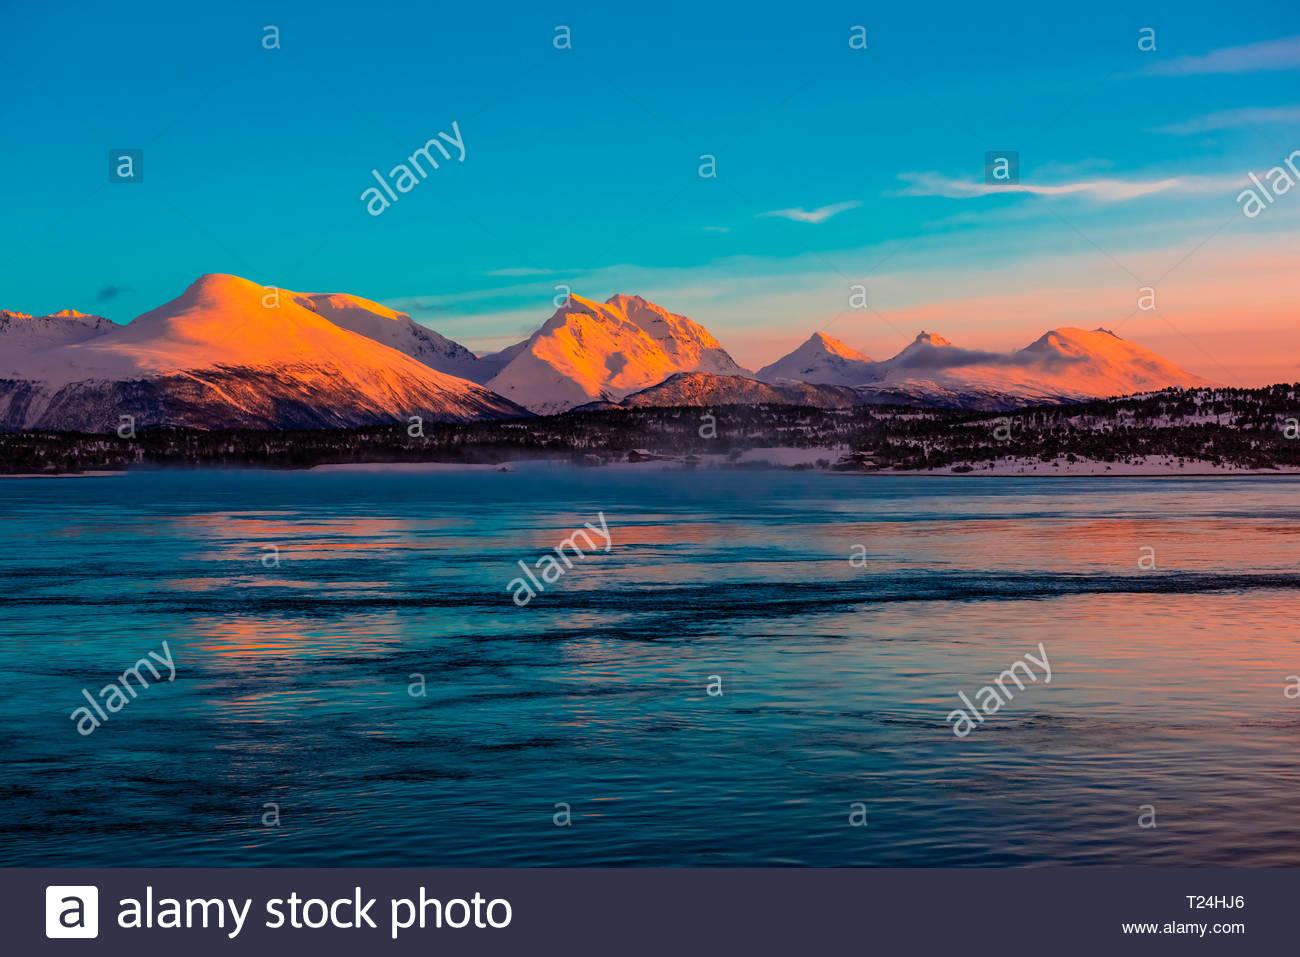 Paisaje de invierno a lo largo de la costa cerca de Tromso, el Ártico, el norte de Noruega, al amanecer. Foto de stock